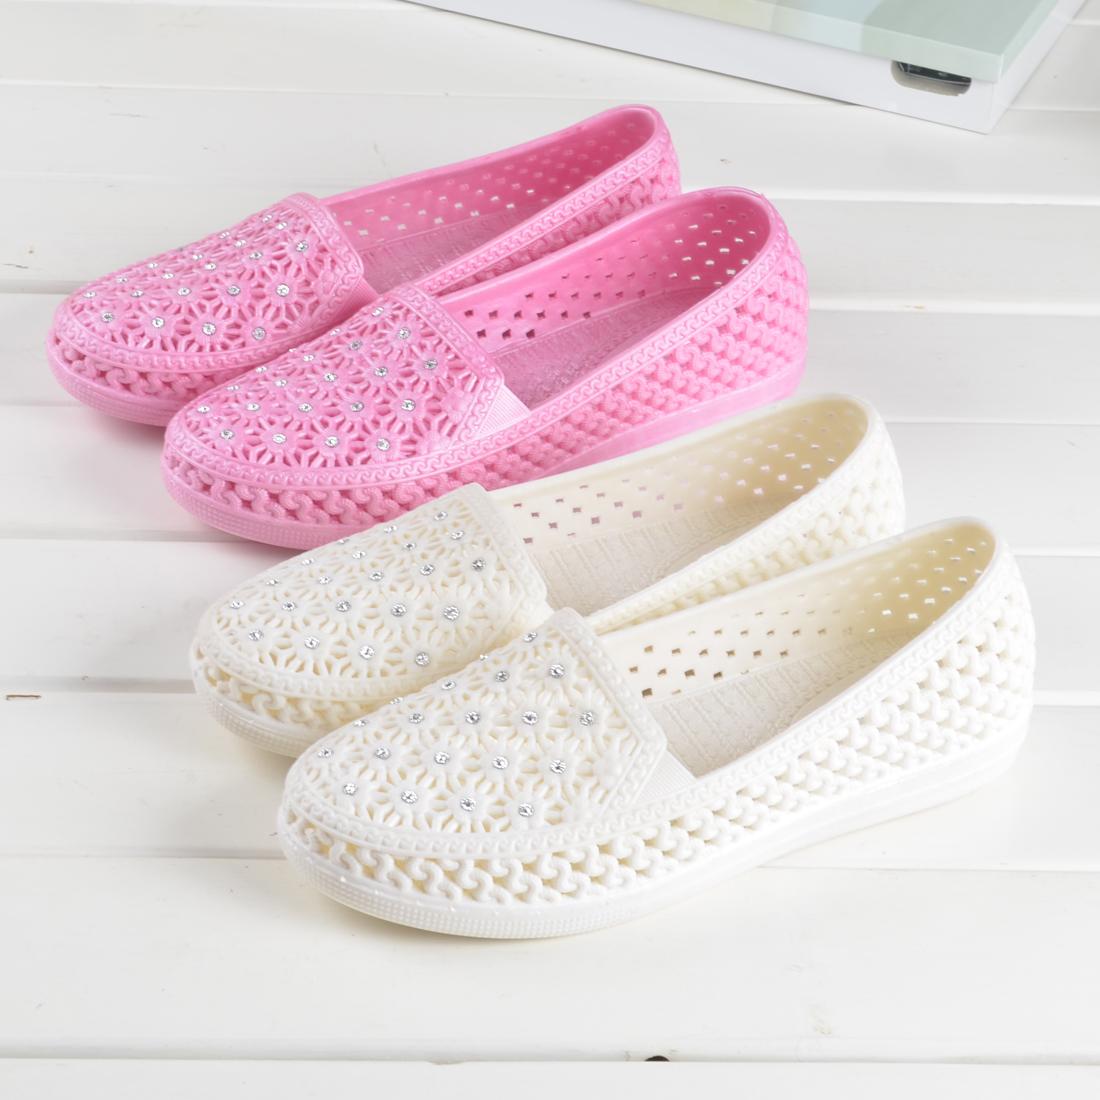 白色凉鞋 夏季浅口白色塑料凉鞋女 护士工作鞋包头鞋沙滩鞋鸟巢镂空洞洞鞋_推荐淘宝好看的白色凉鞋